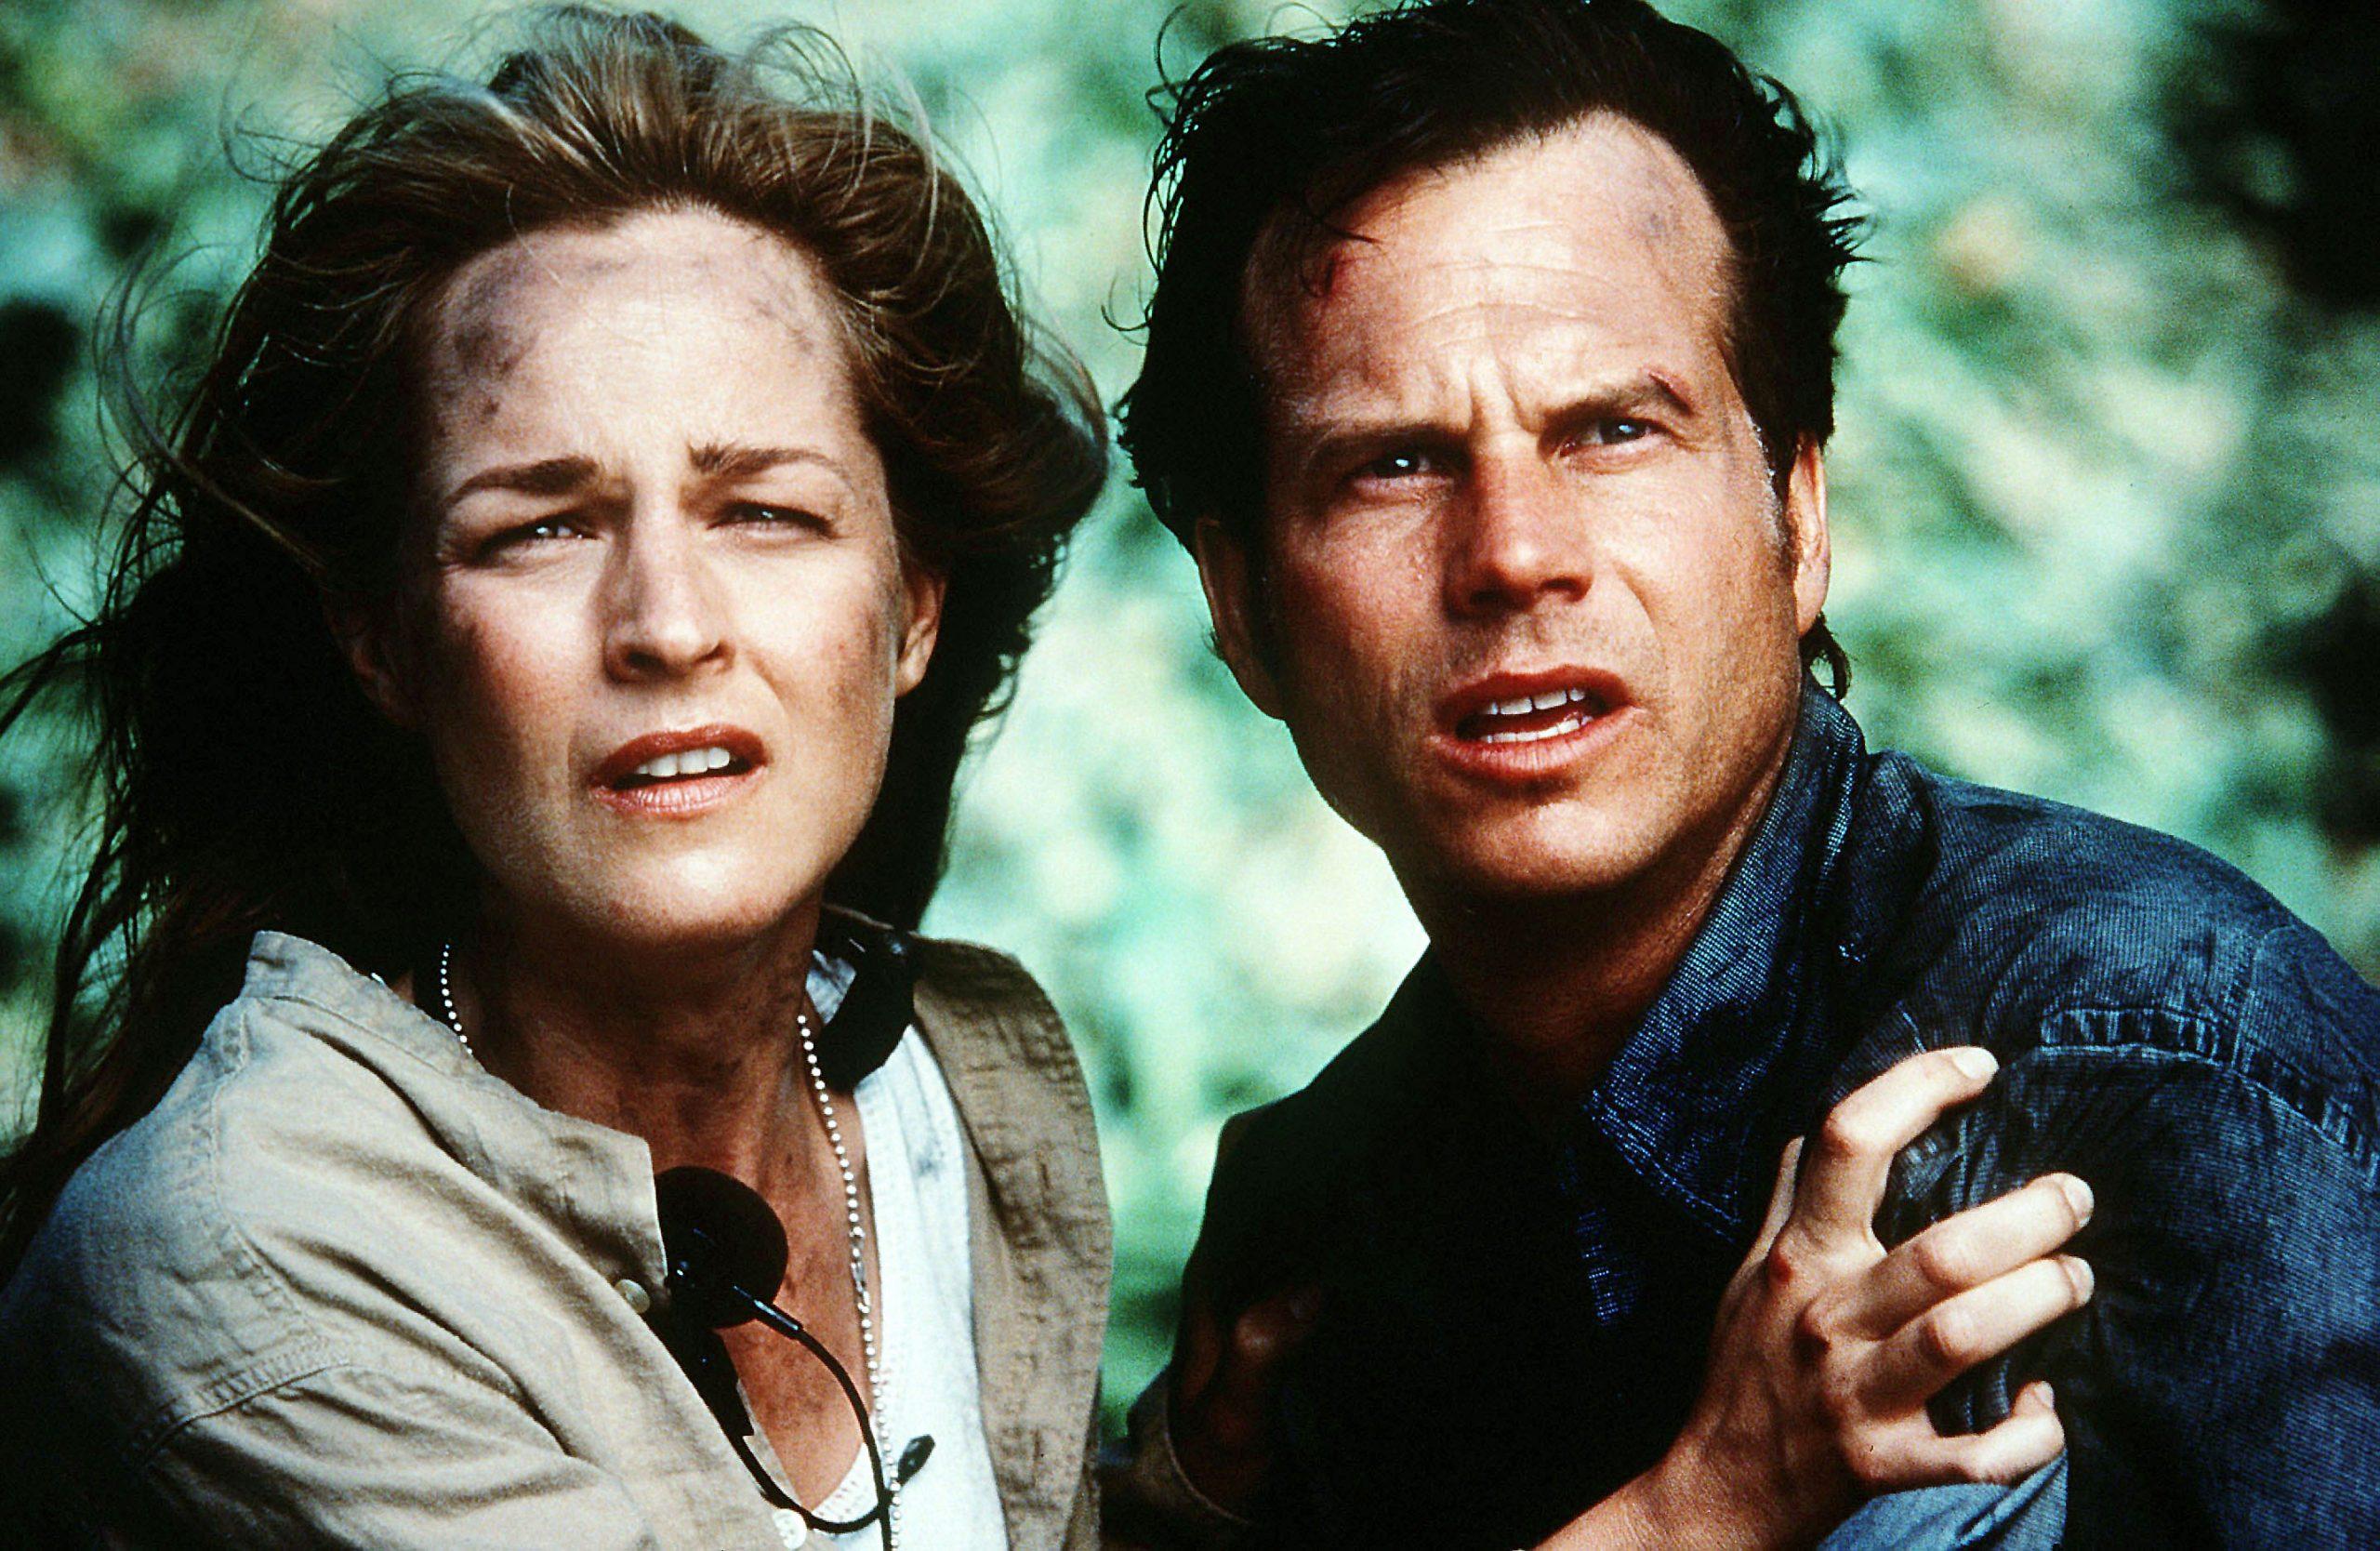 10 Film Terbaik Tentang Bencana Alam Paling Mengerikan 5